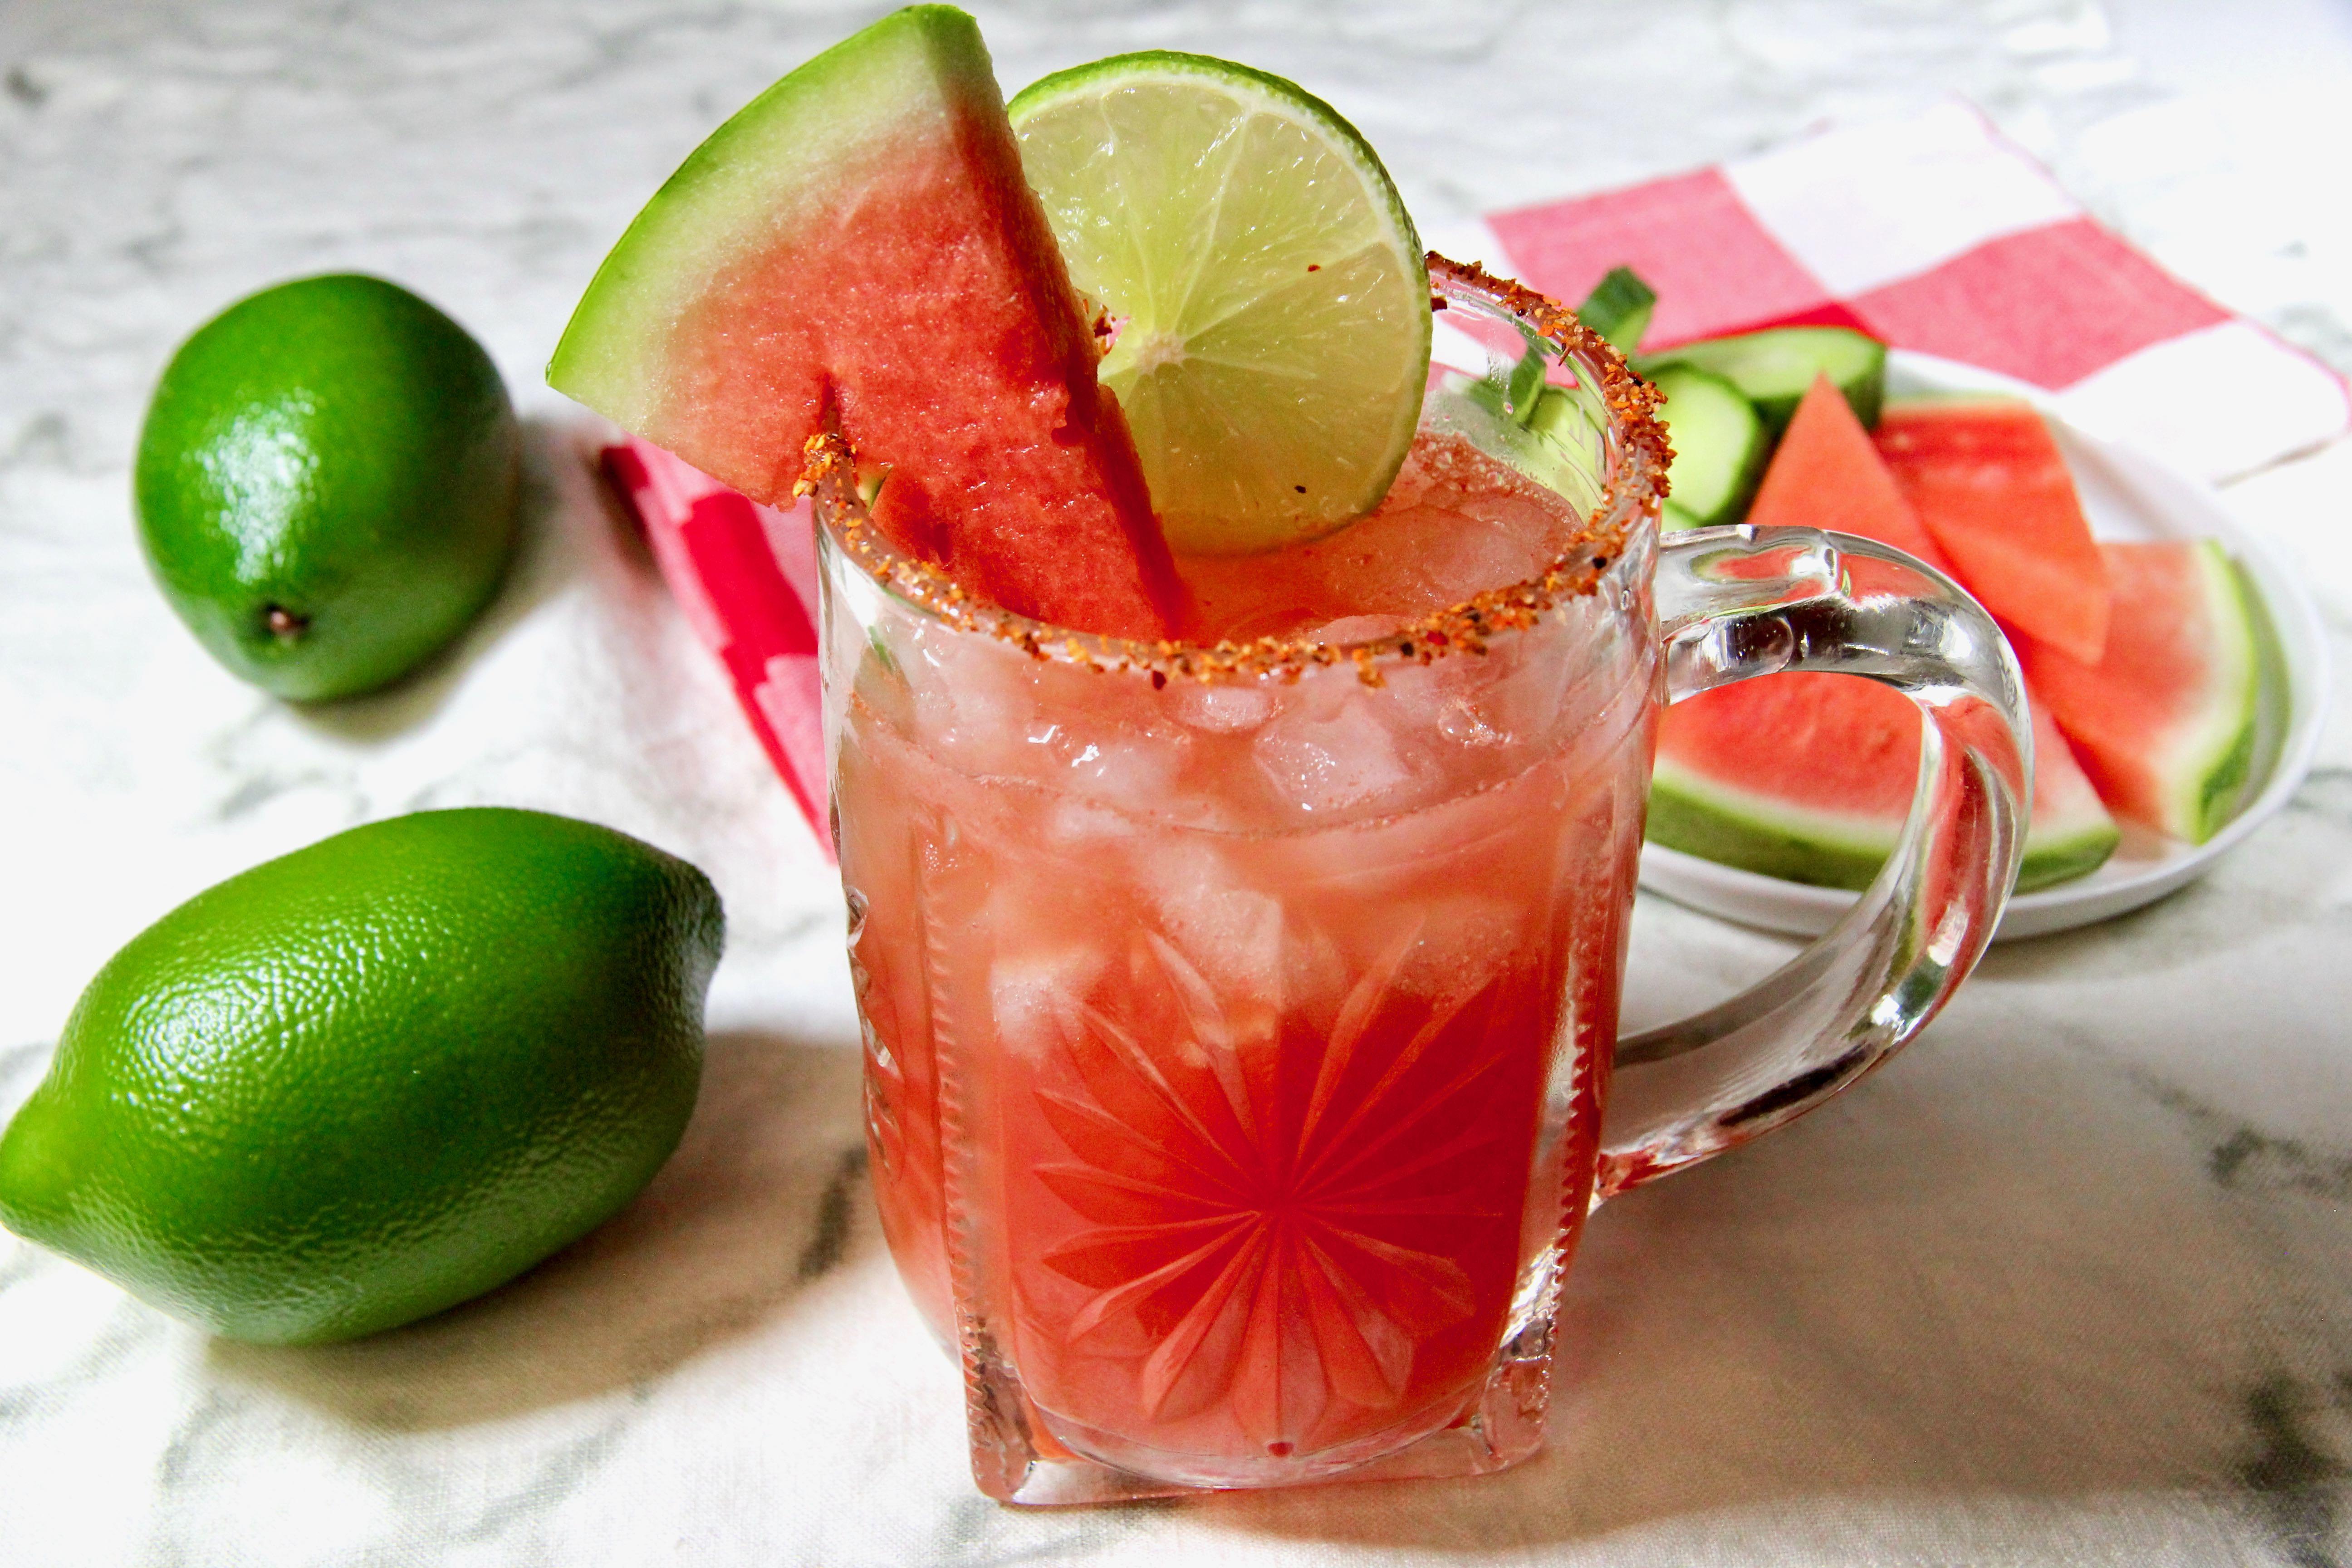 Watermelon-Cucumber Agua Fresca